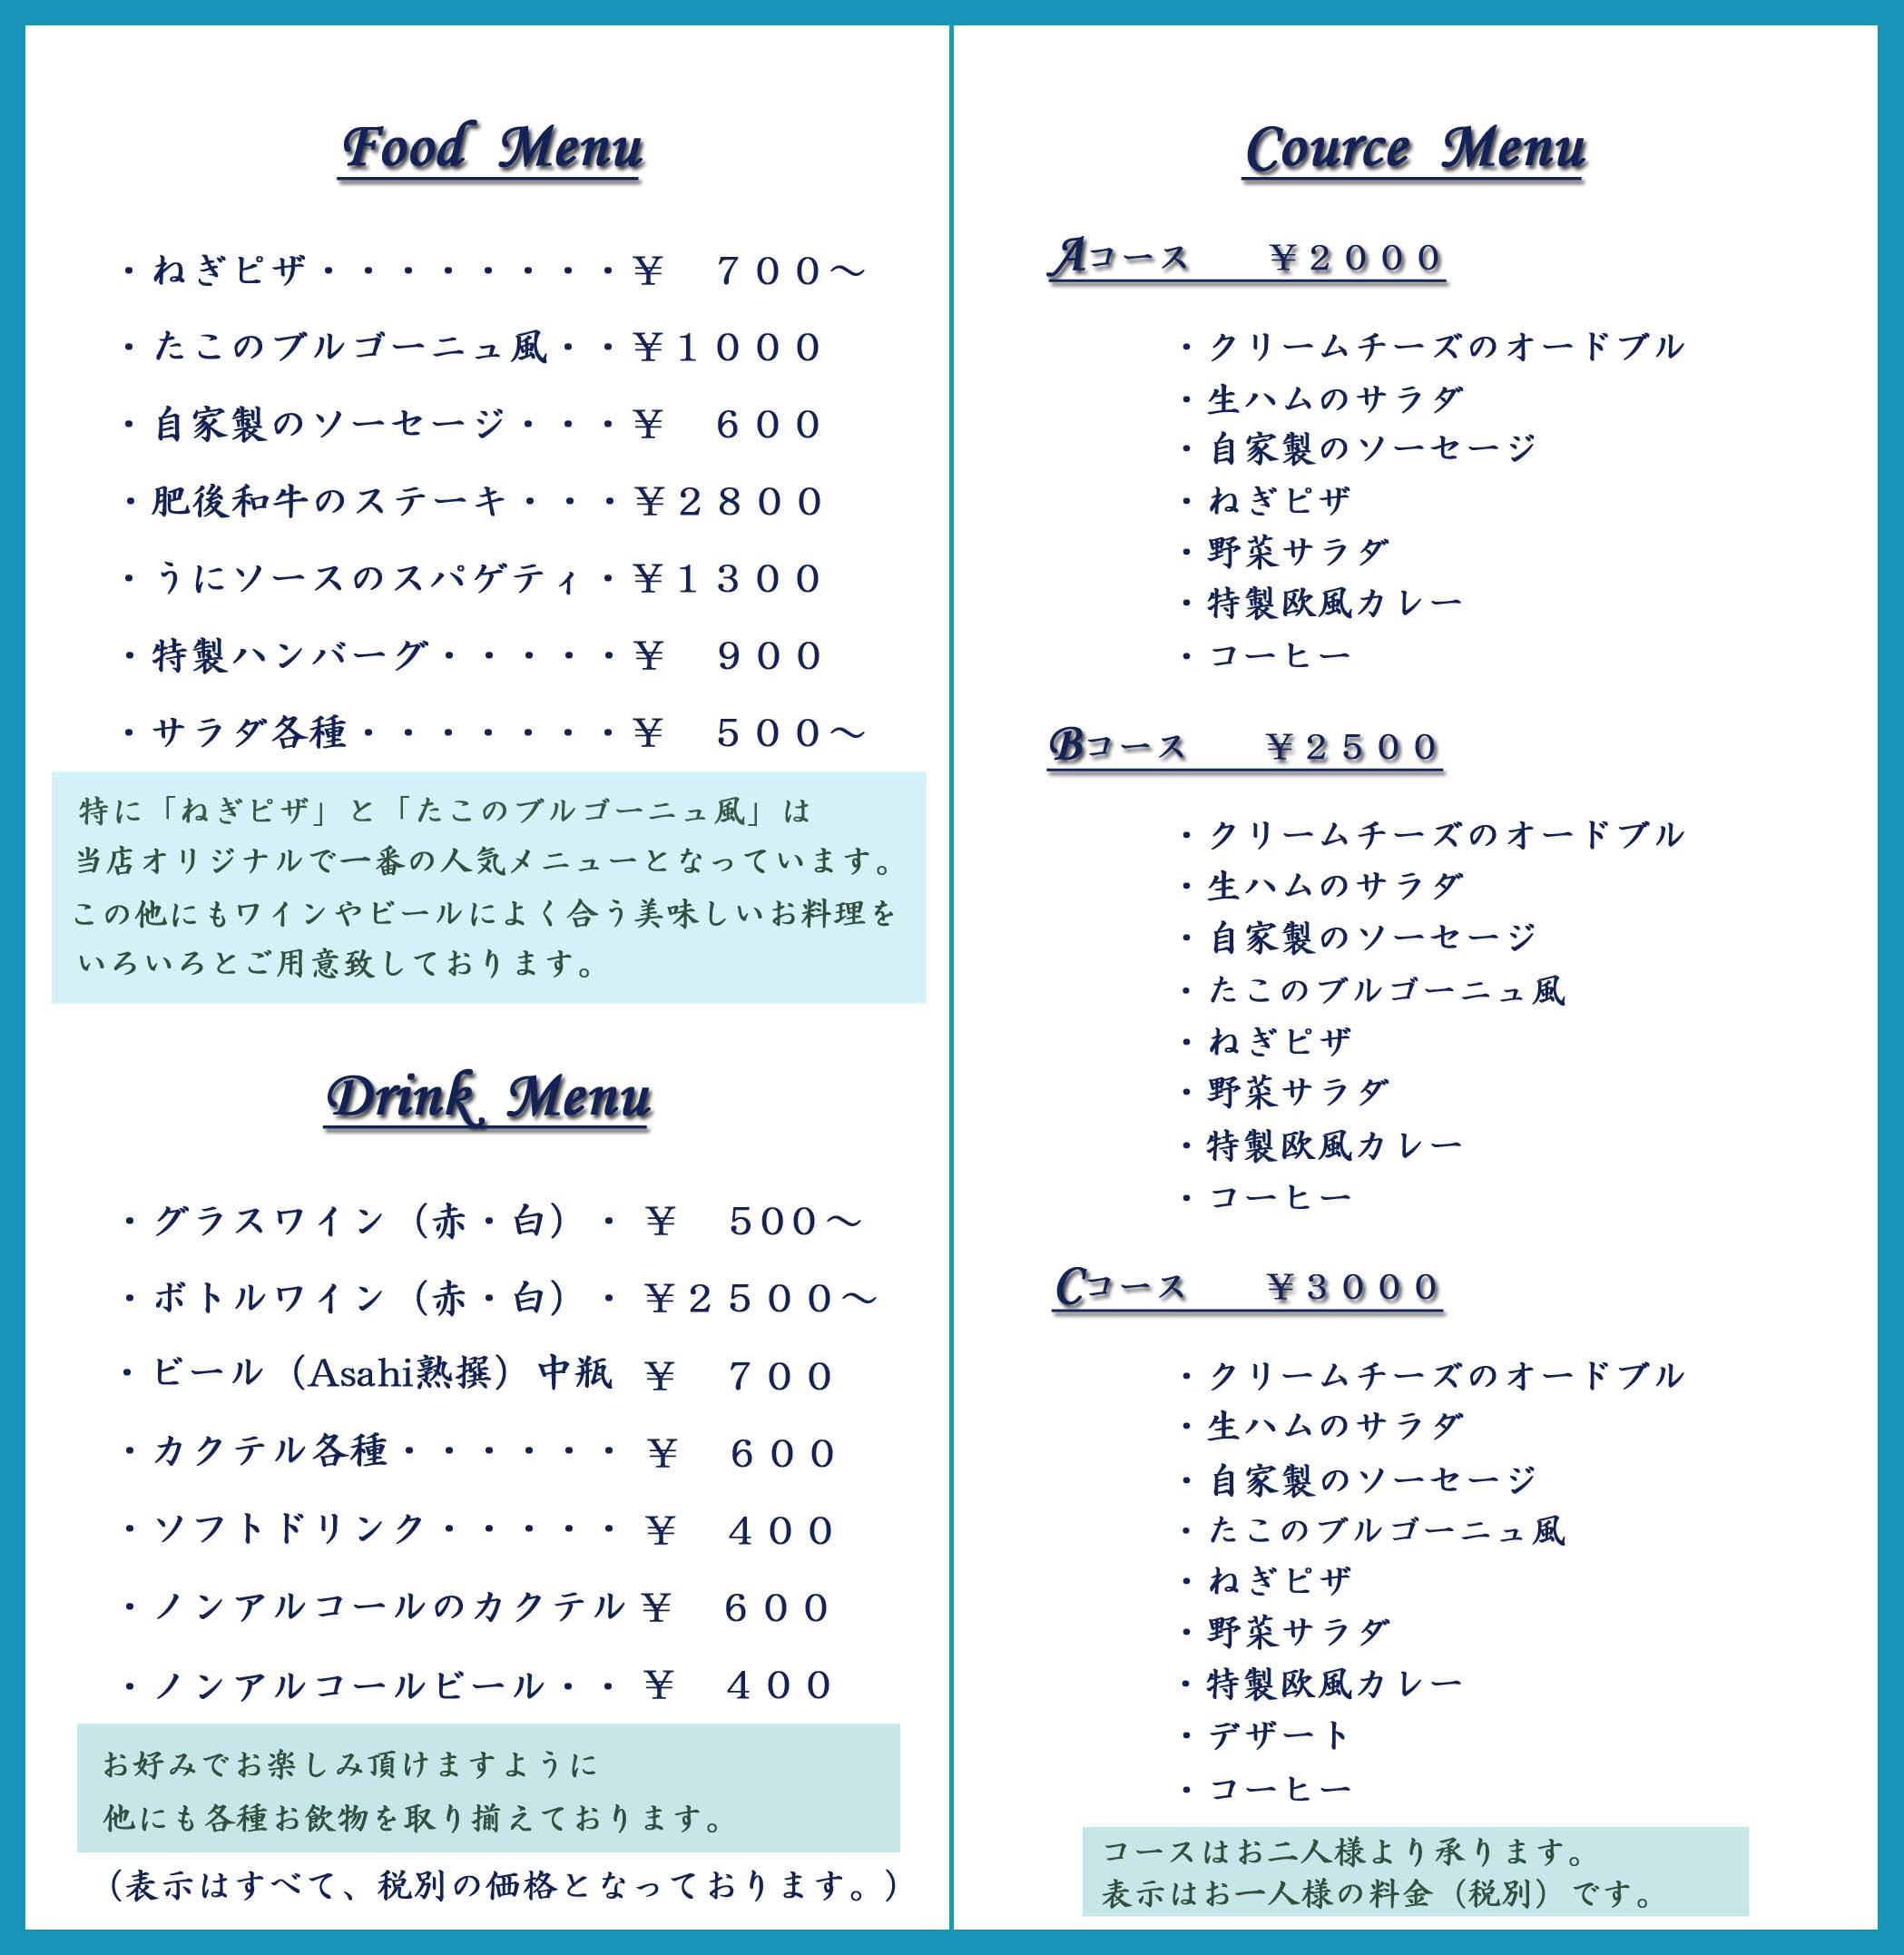 新メニュー2014のコピー